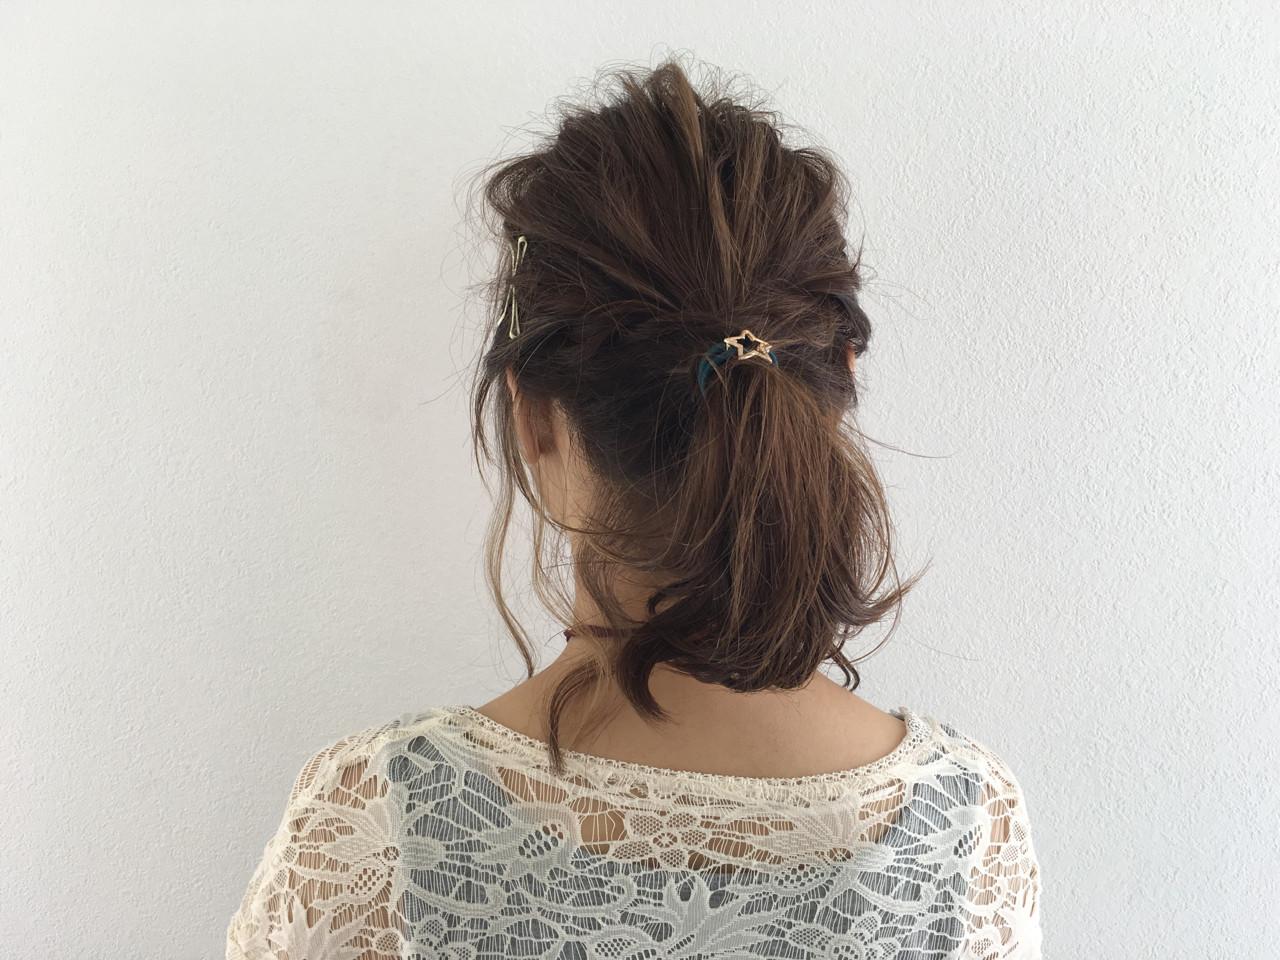 大人女子 ヘアアレンジ ボブ ポニーテール ヘアスタイルや髪型の写真・画像 | Miki /